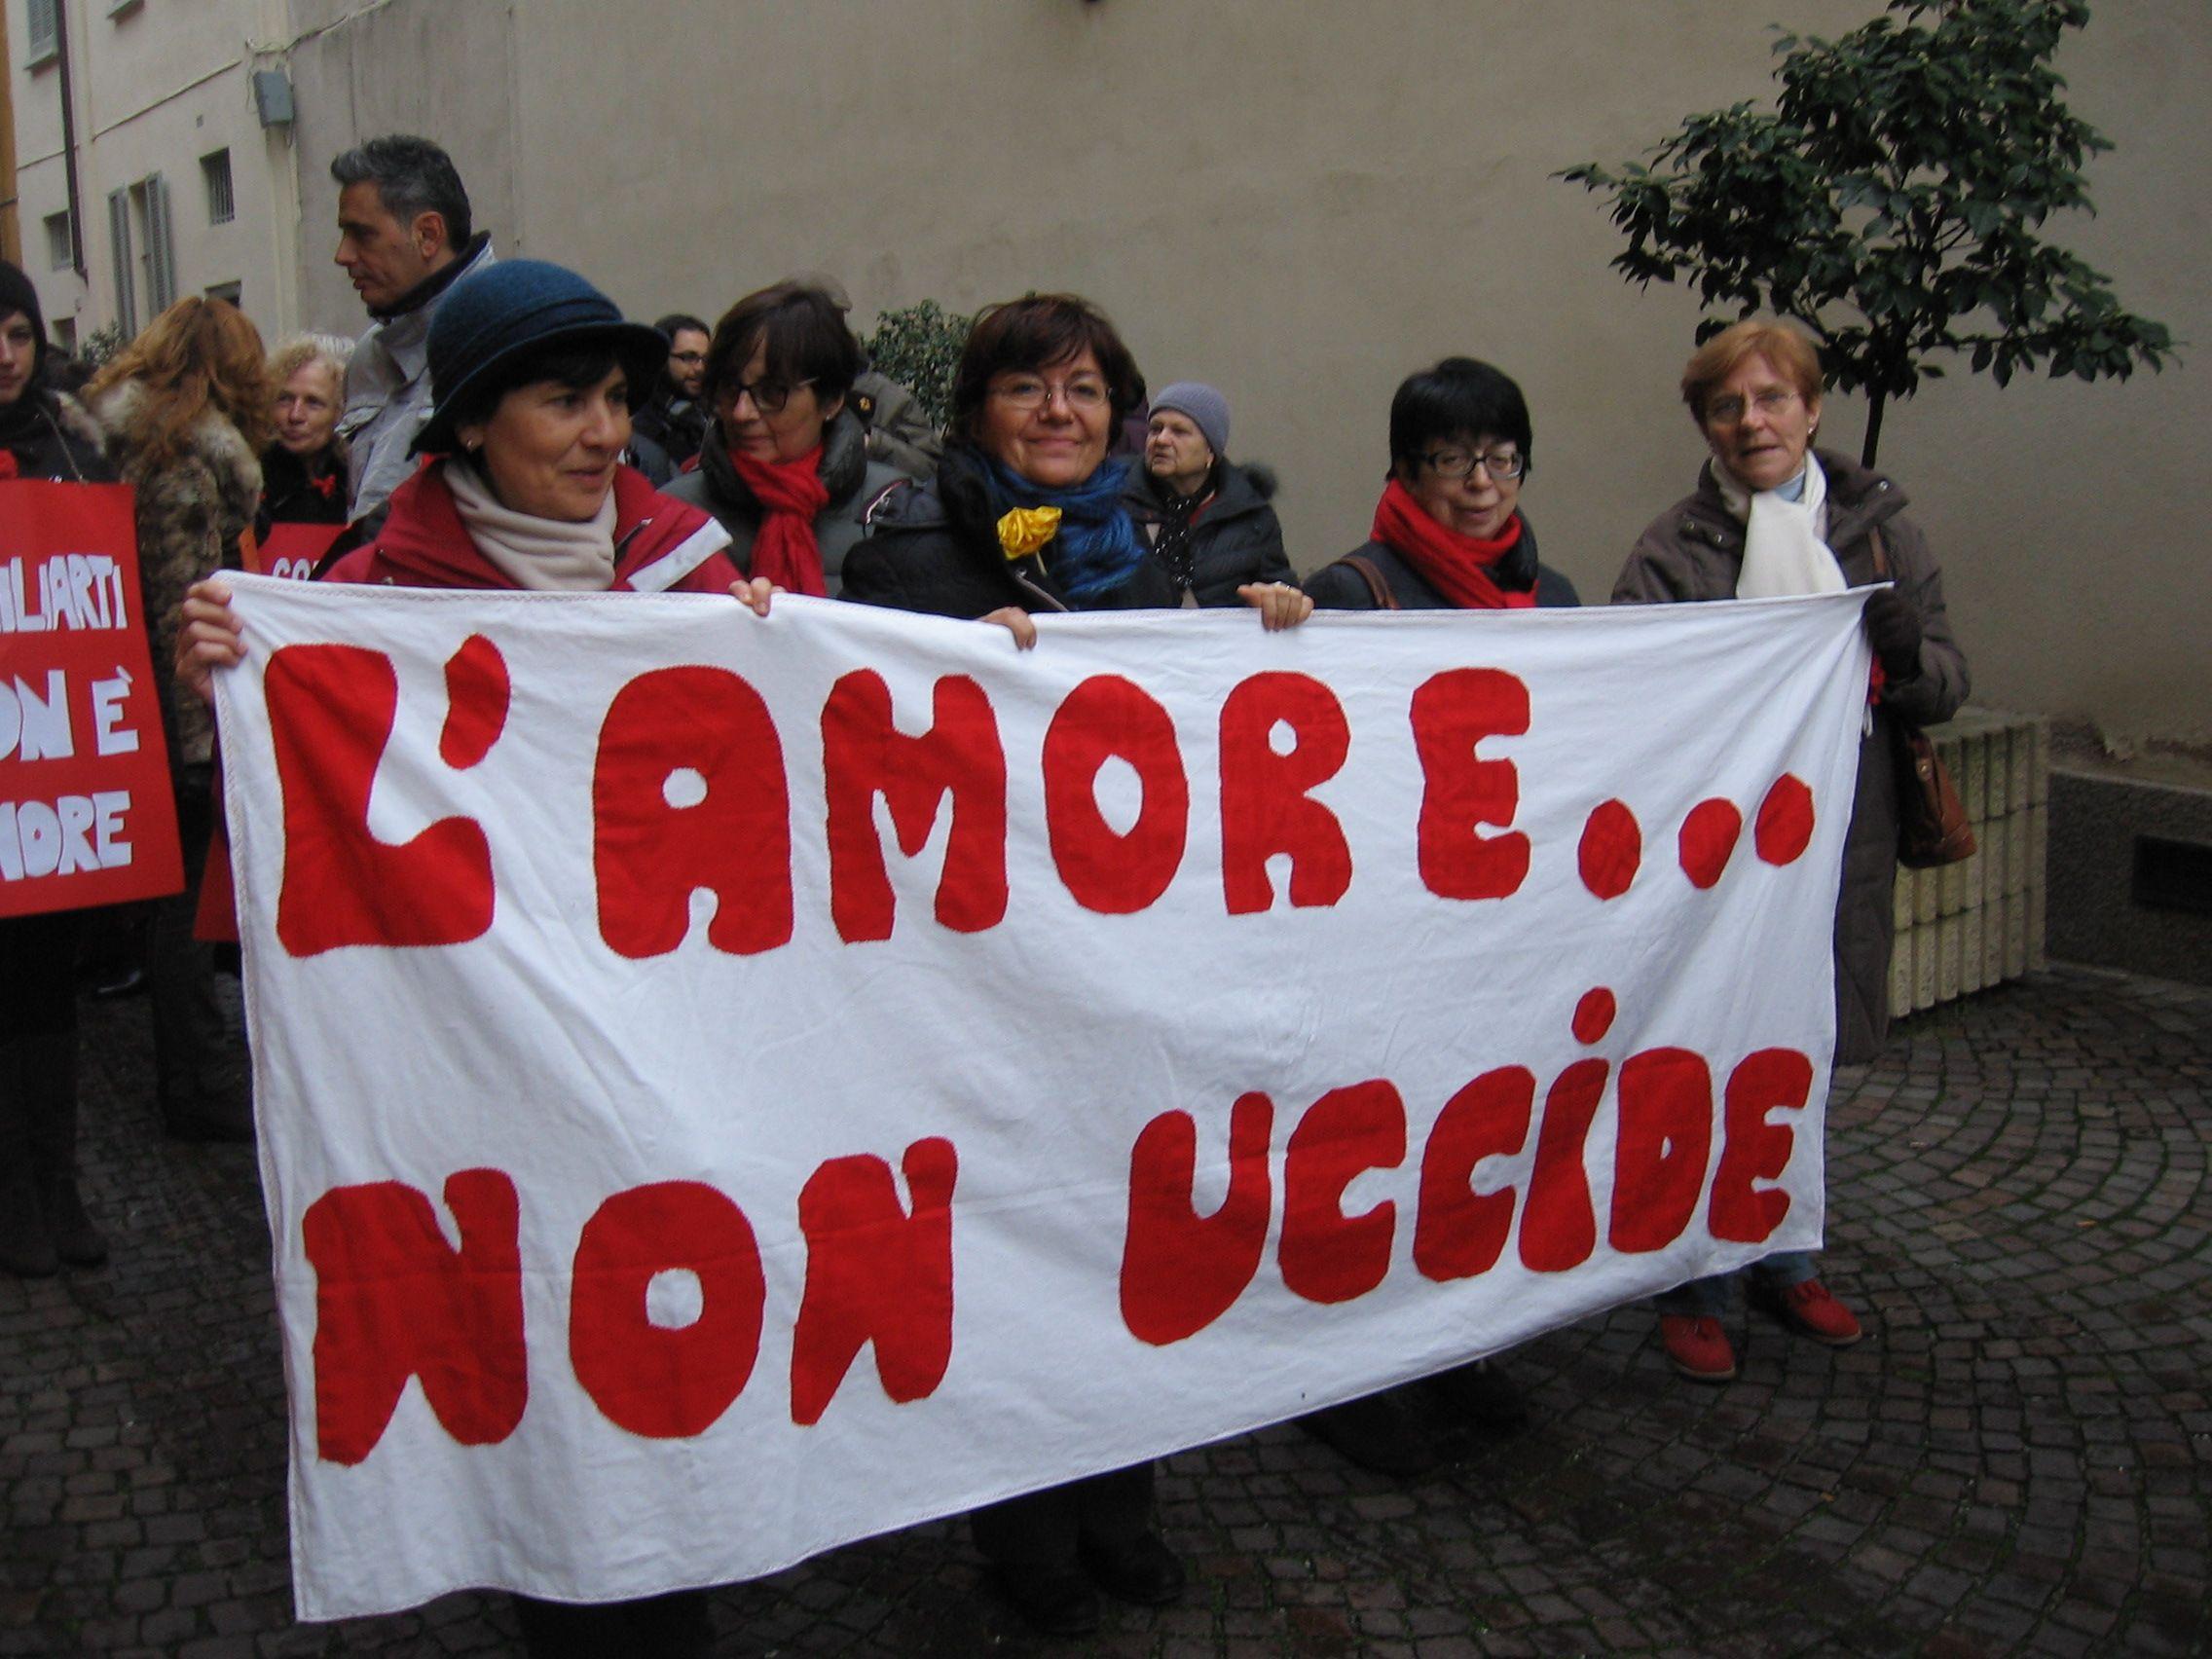 Violenza sulle donne, Regione Campania sigla intesa per contrasto